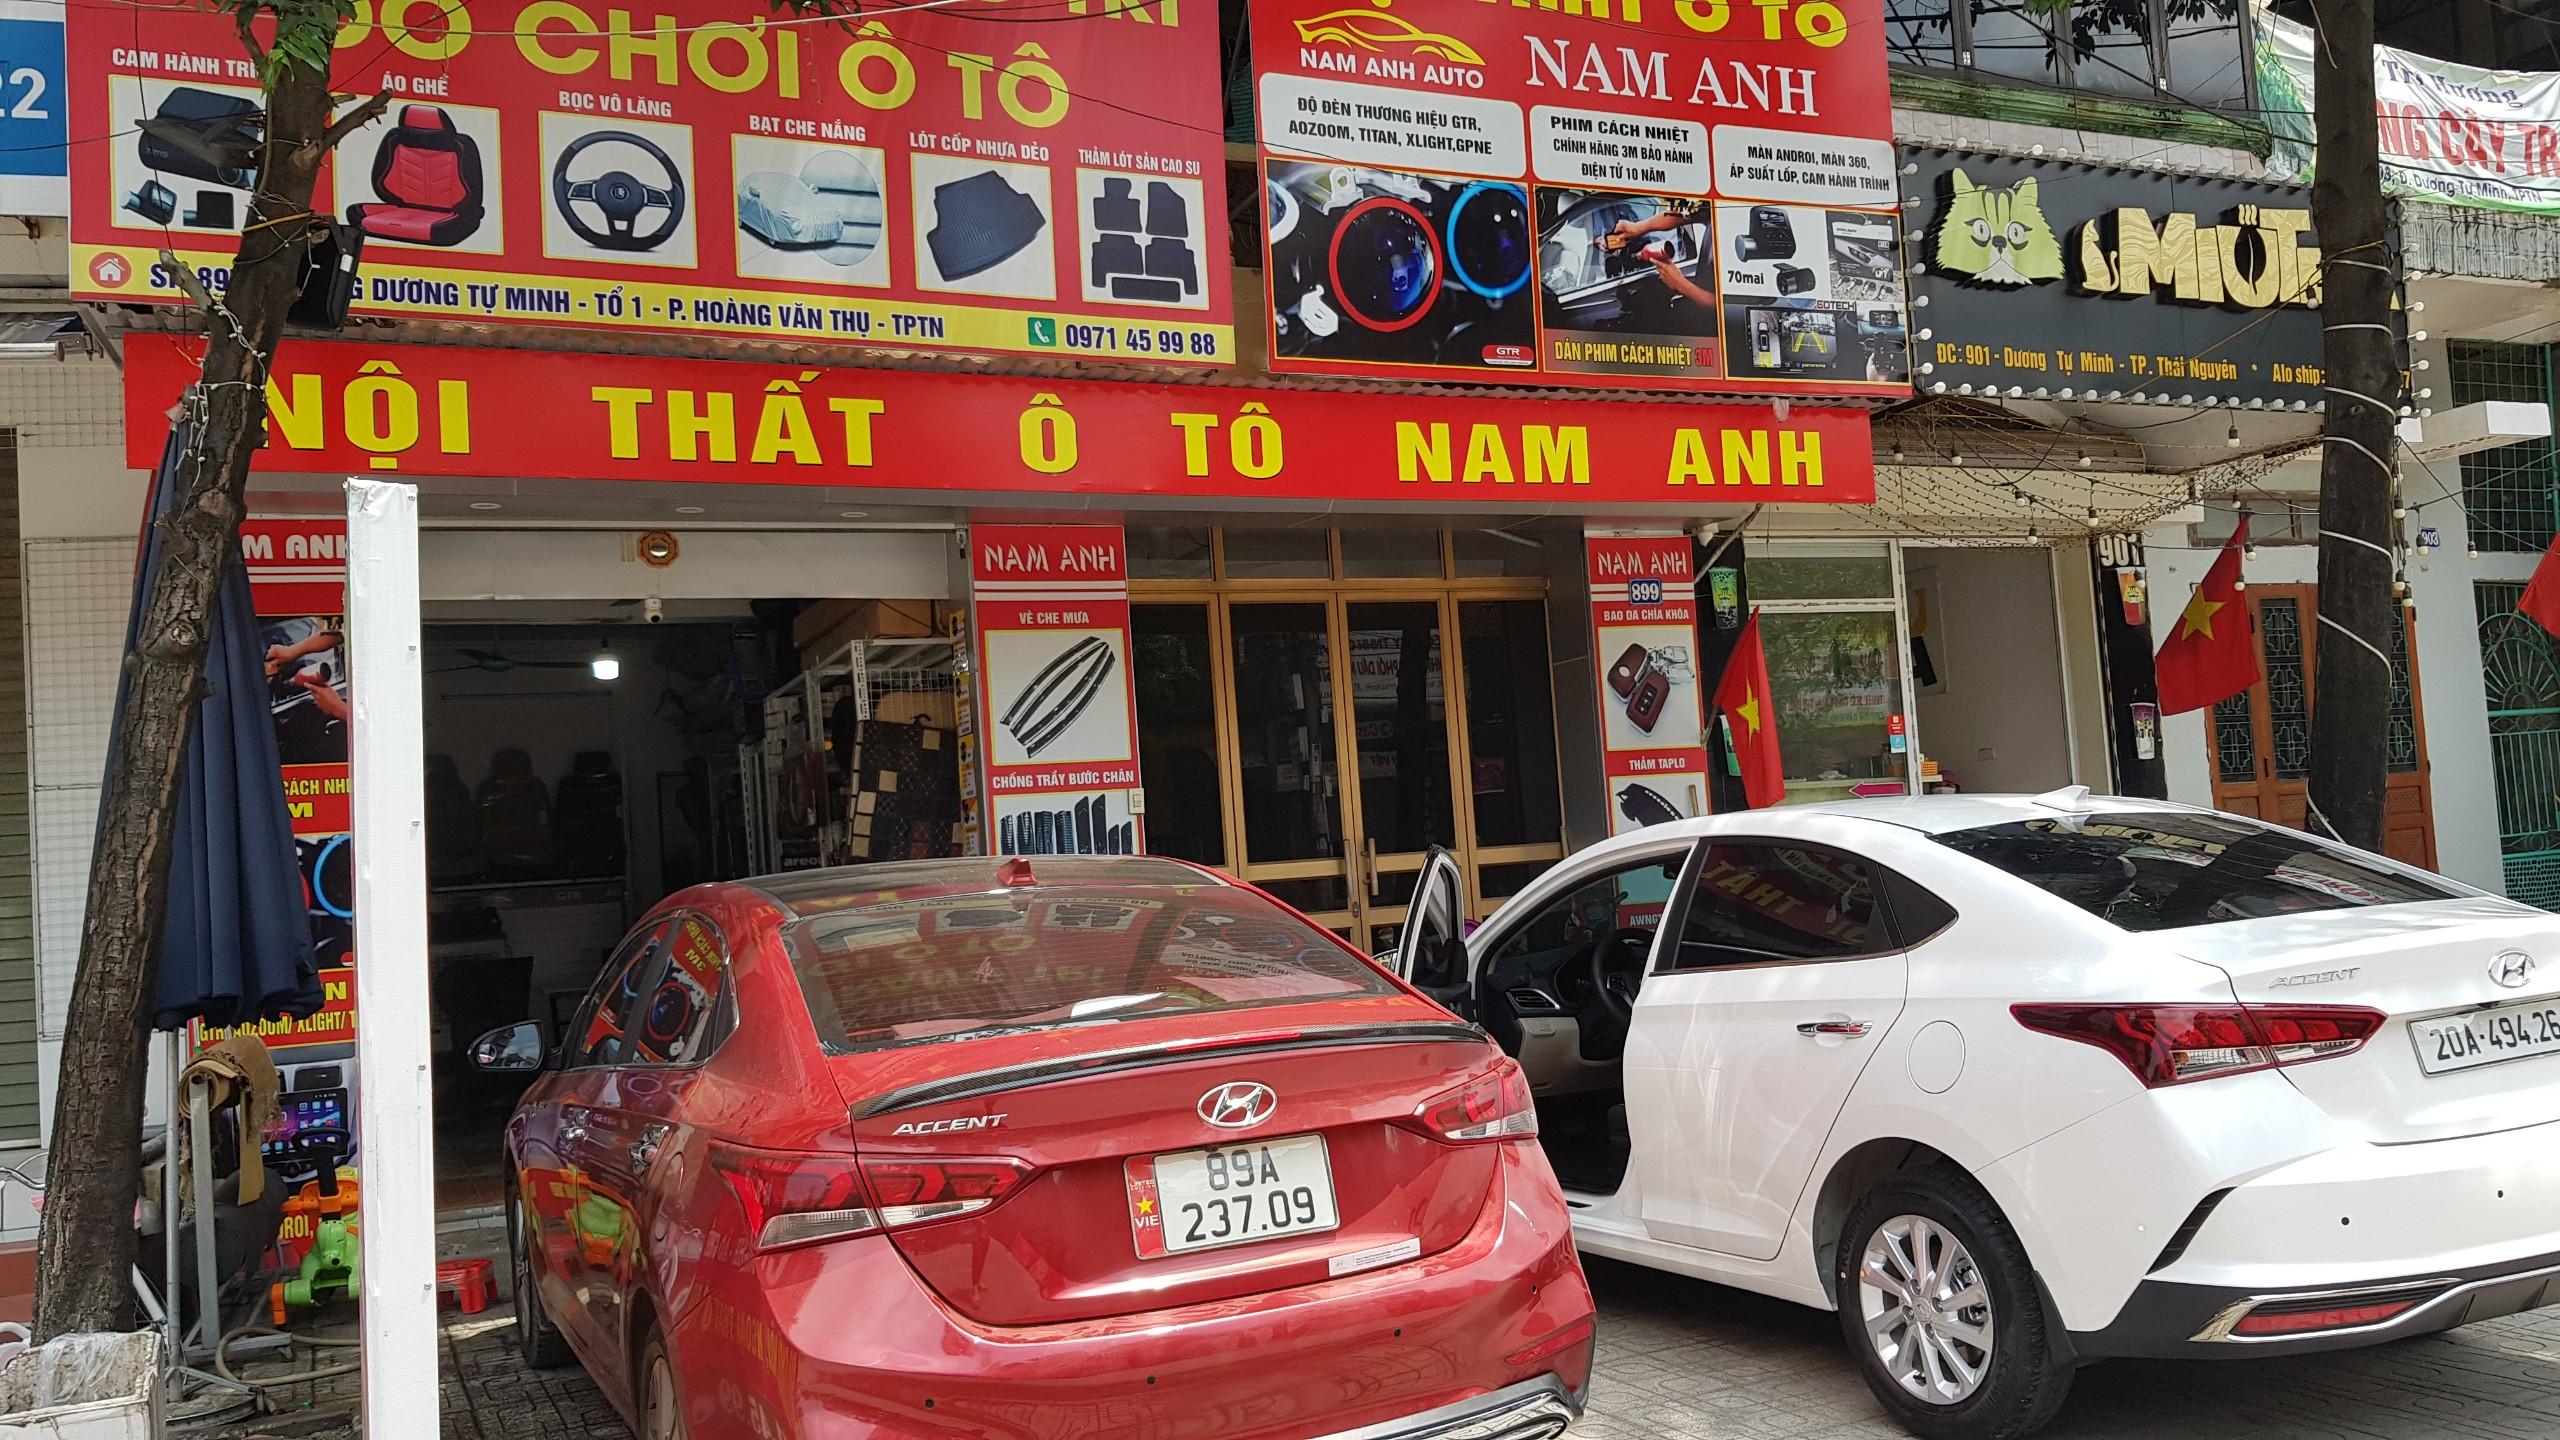 Nội thất ô tô Nam Anh